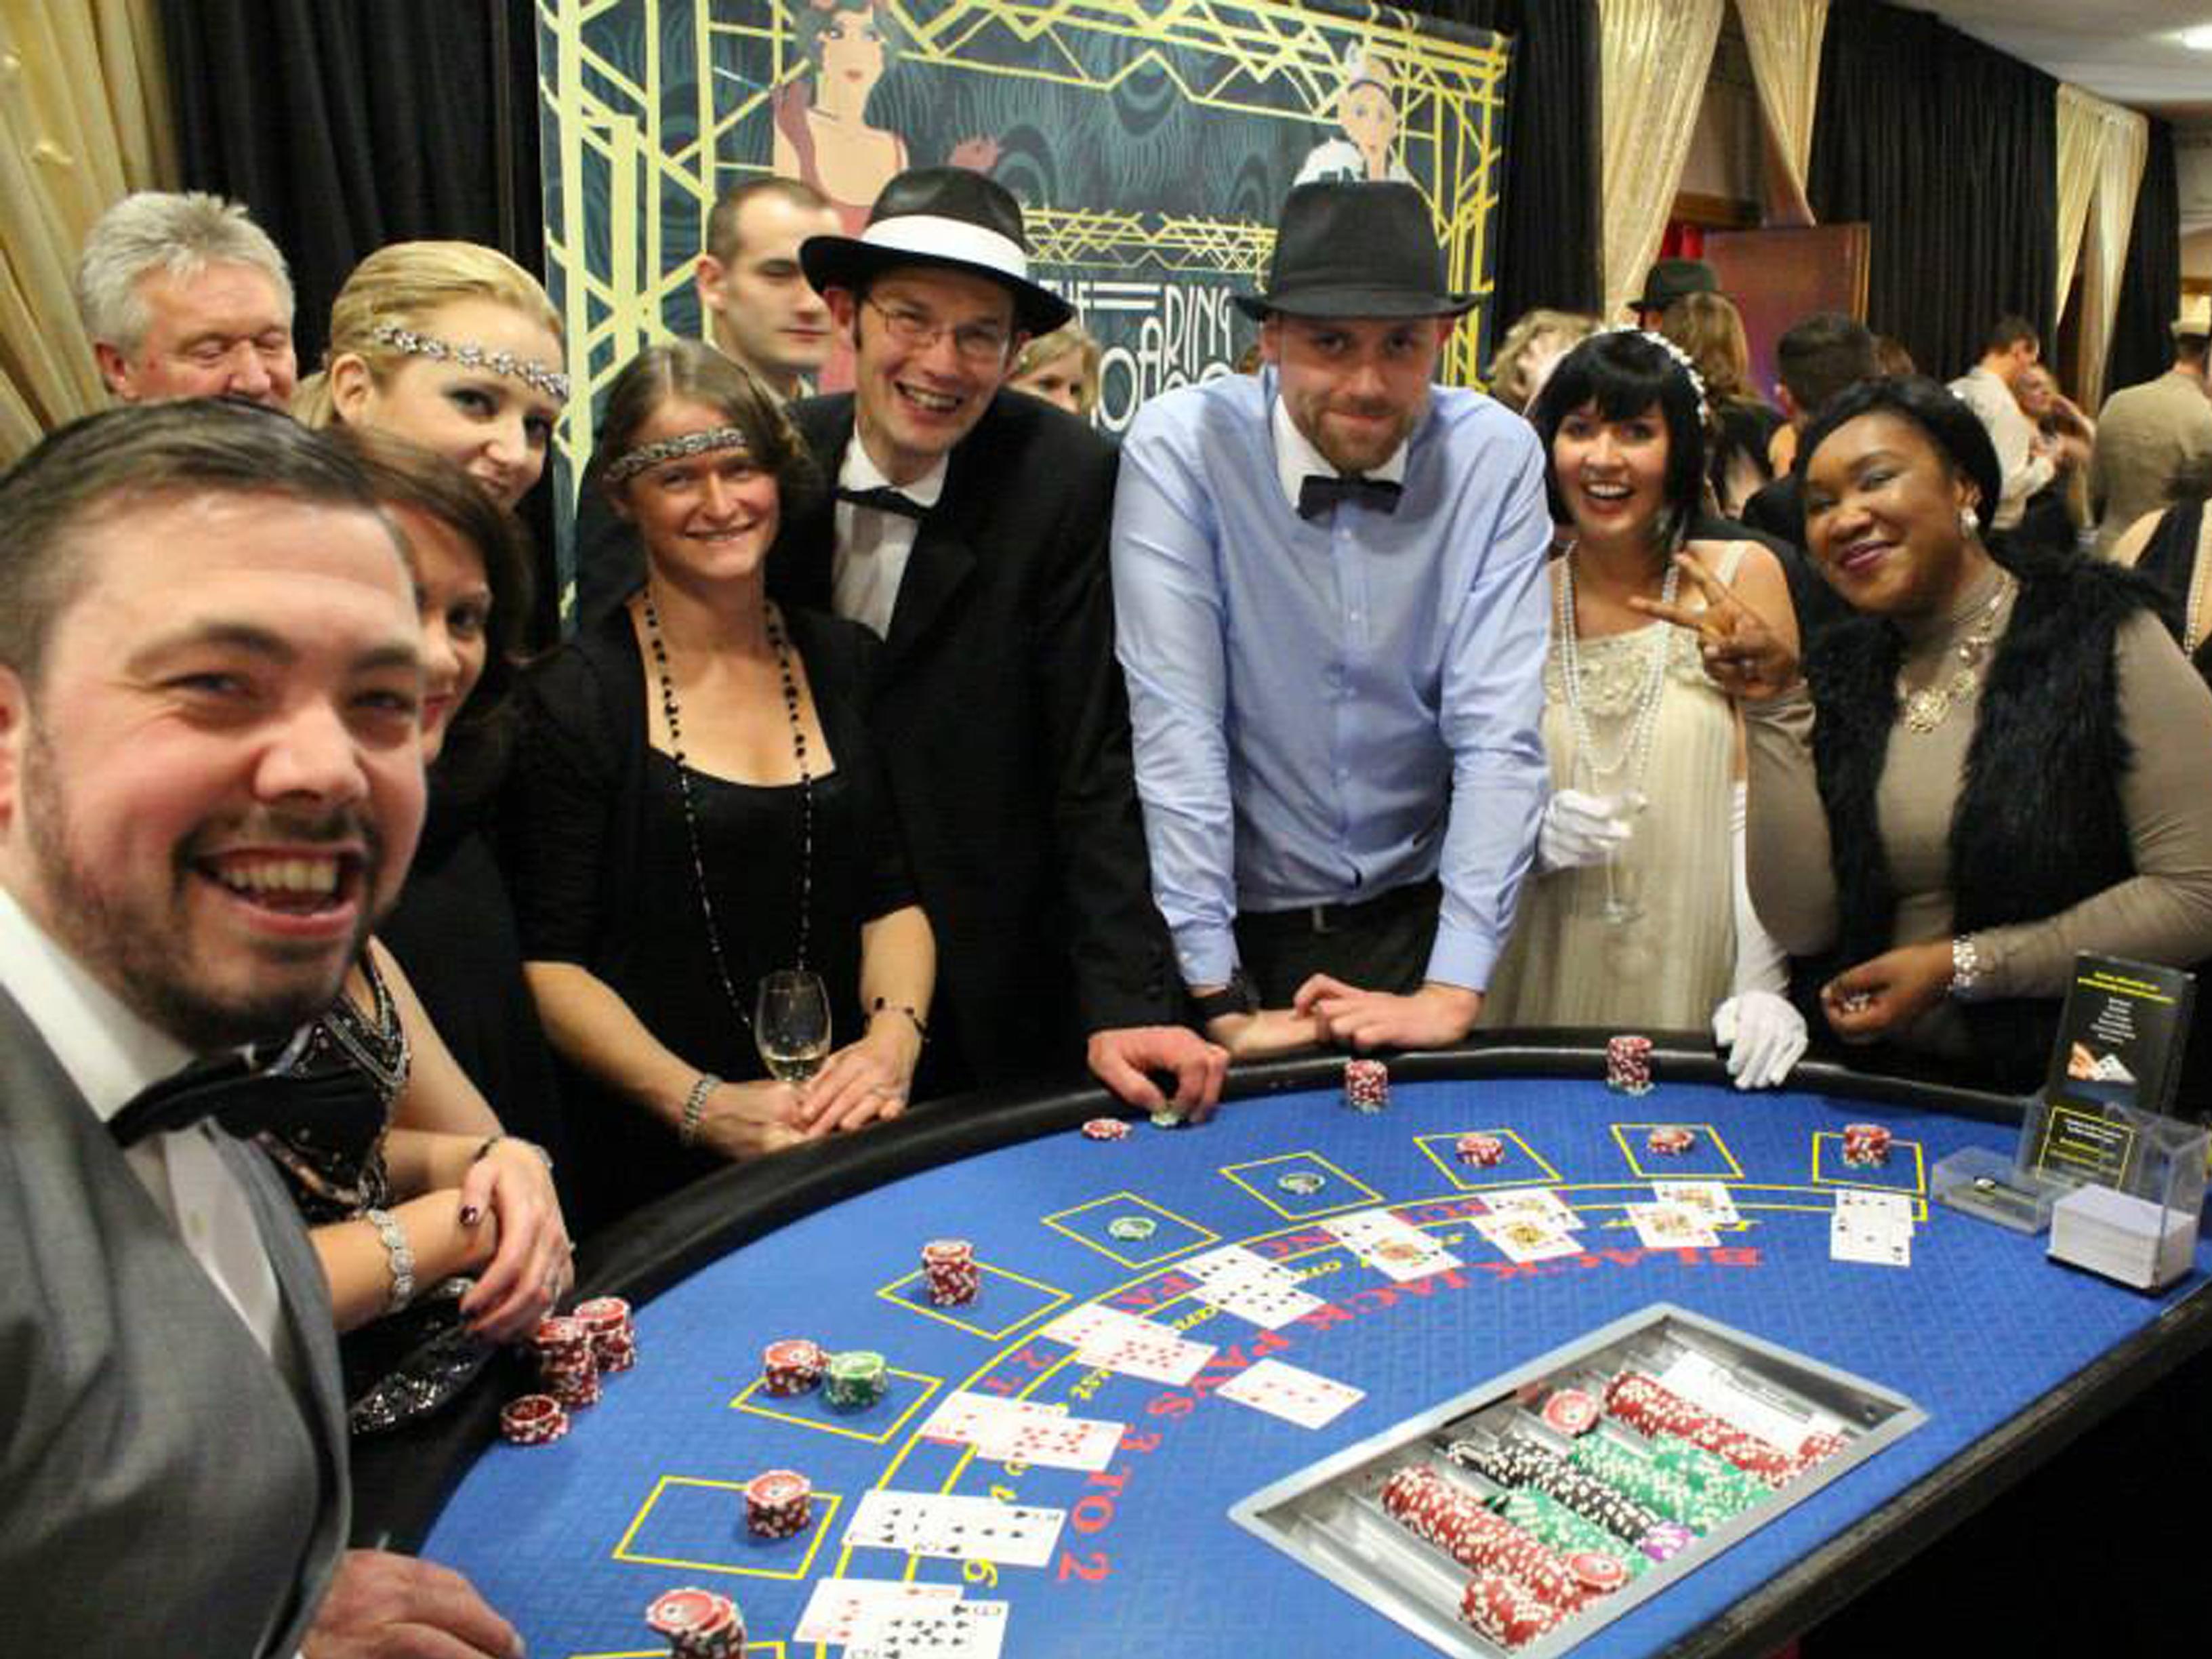 Casino night wrexham